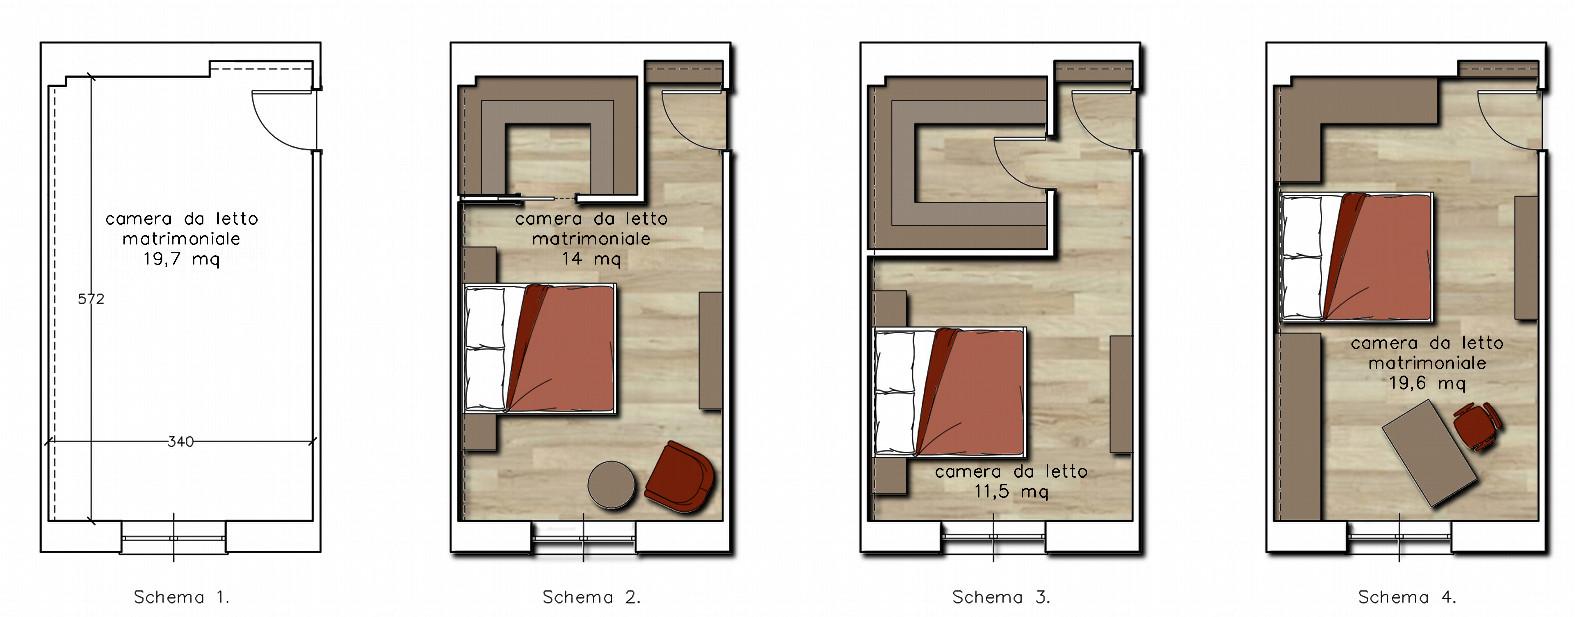 Estremamente arredare camera da letto 9 mq aj31 pineglen - Progetto camera da letto ...